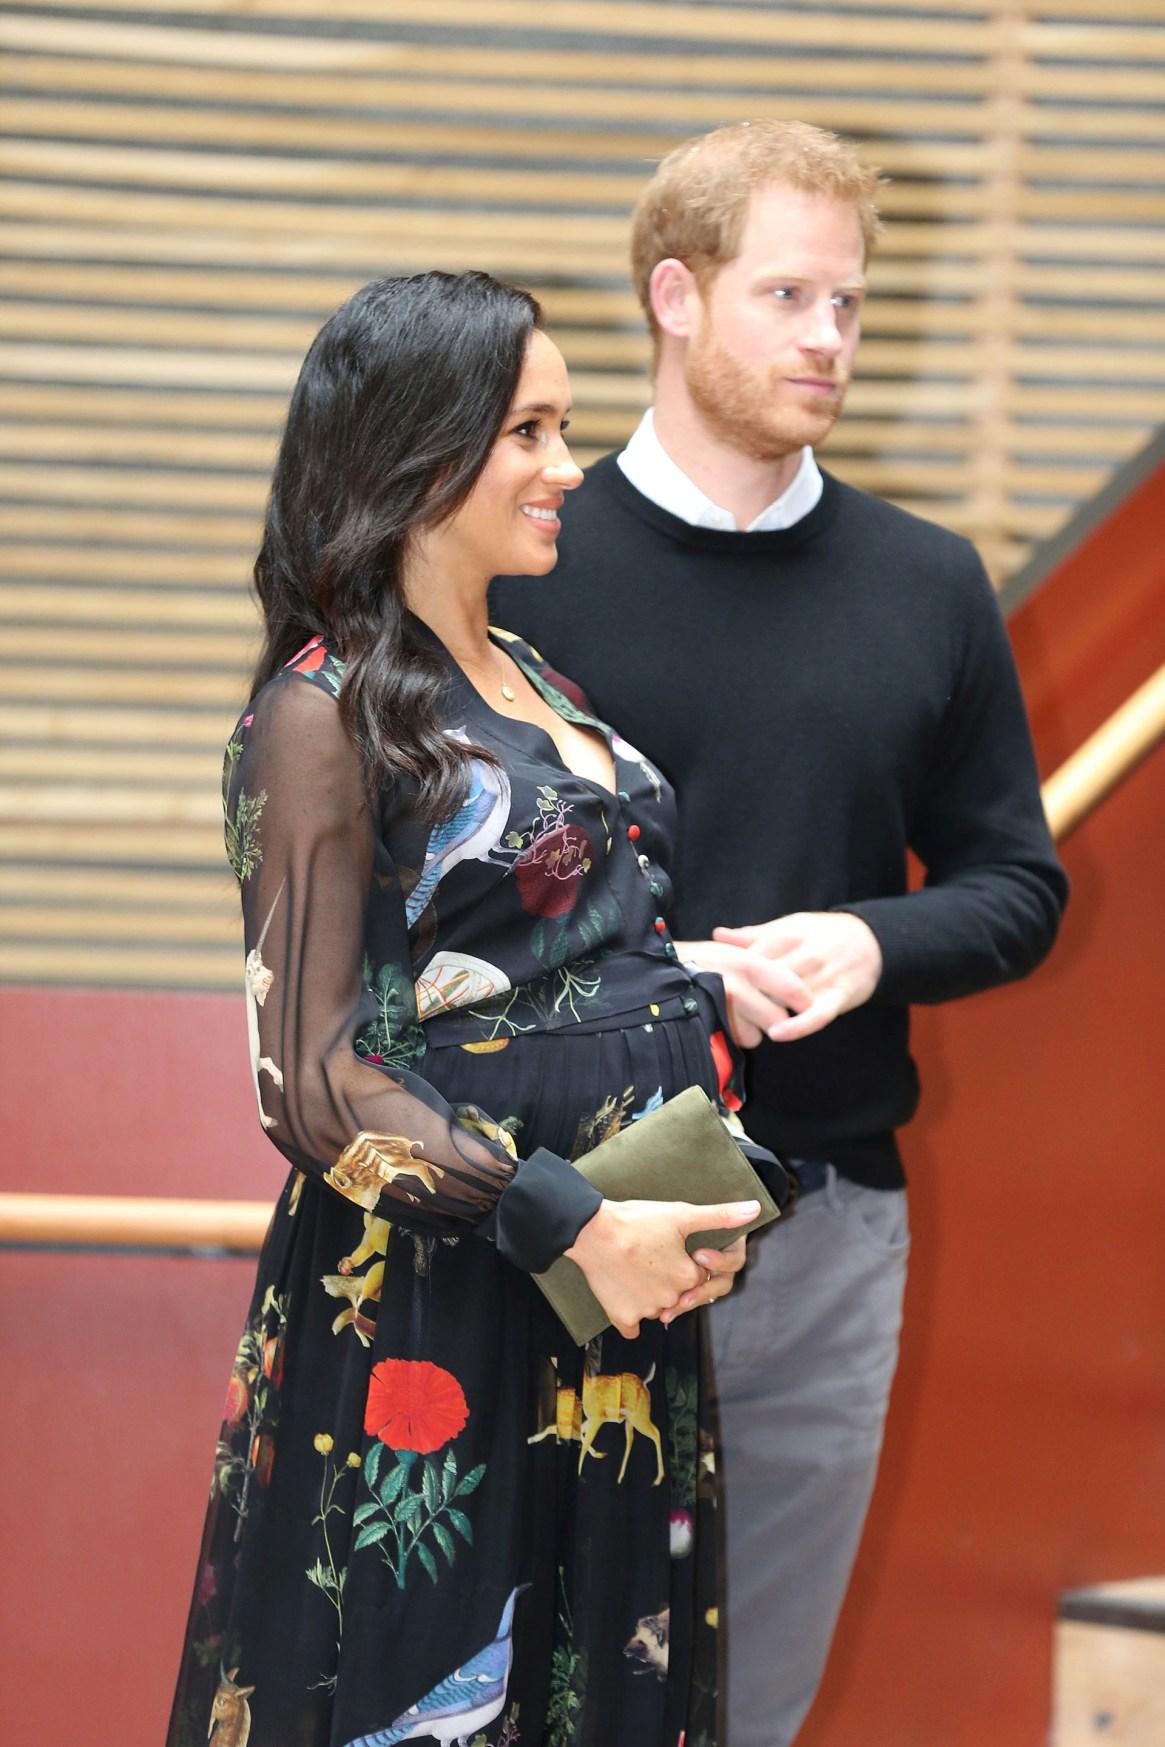 El 15 de octubre de 2018, el Palacio anunció el embarazo de Meghan Markle